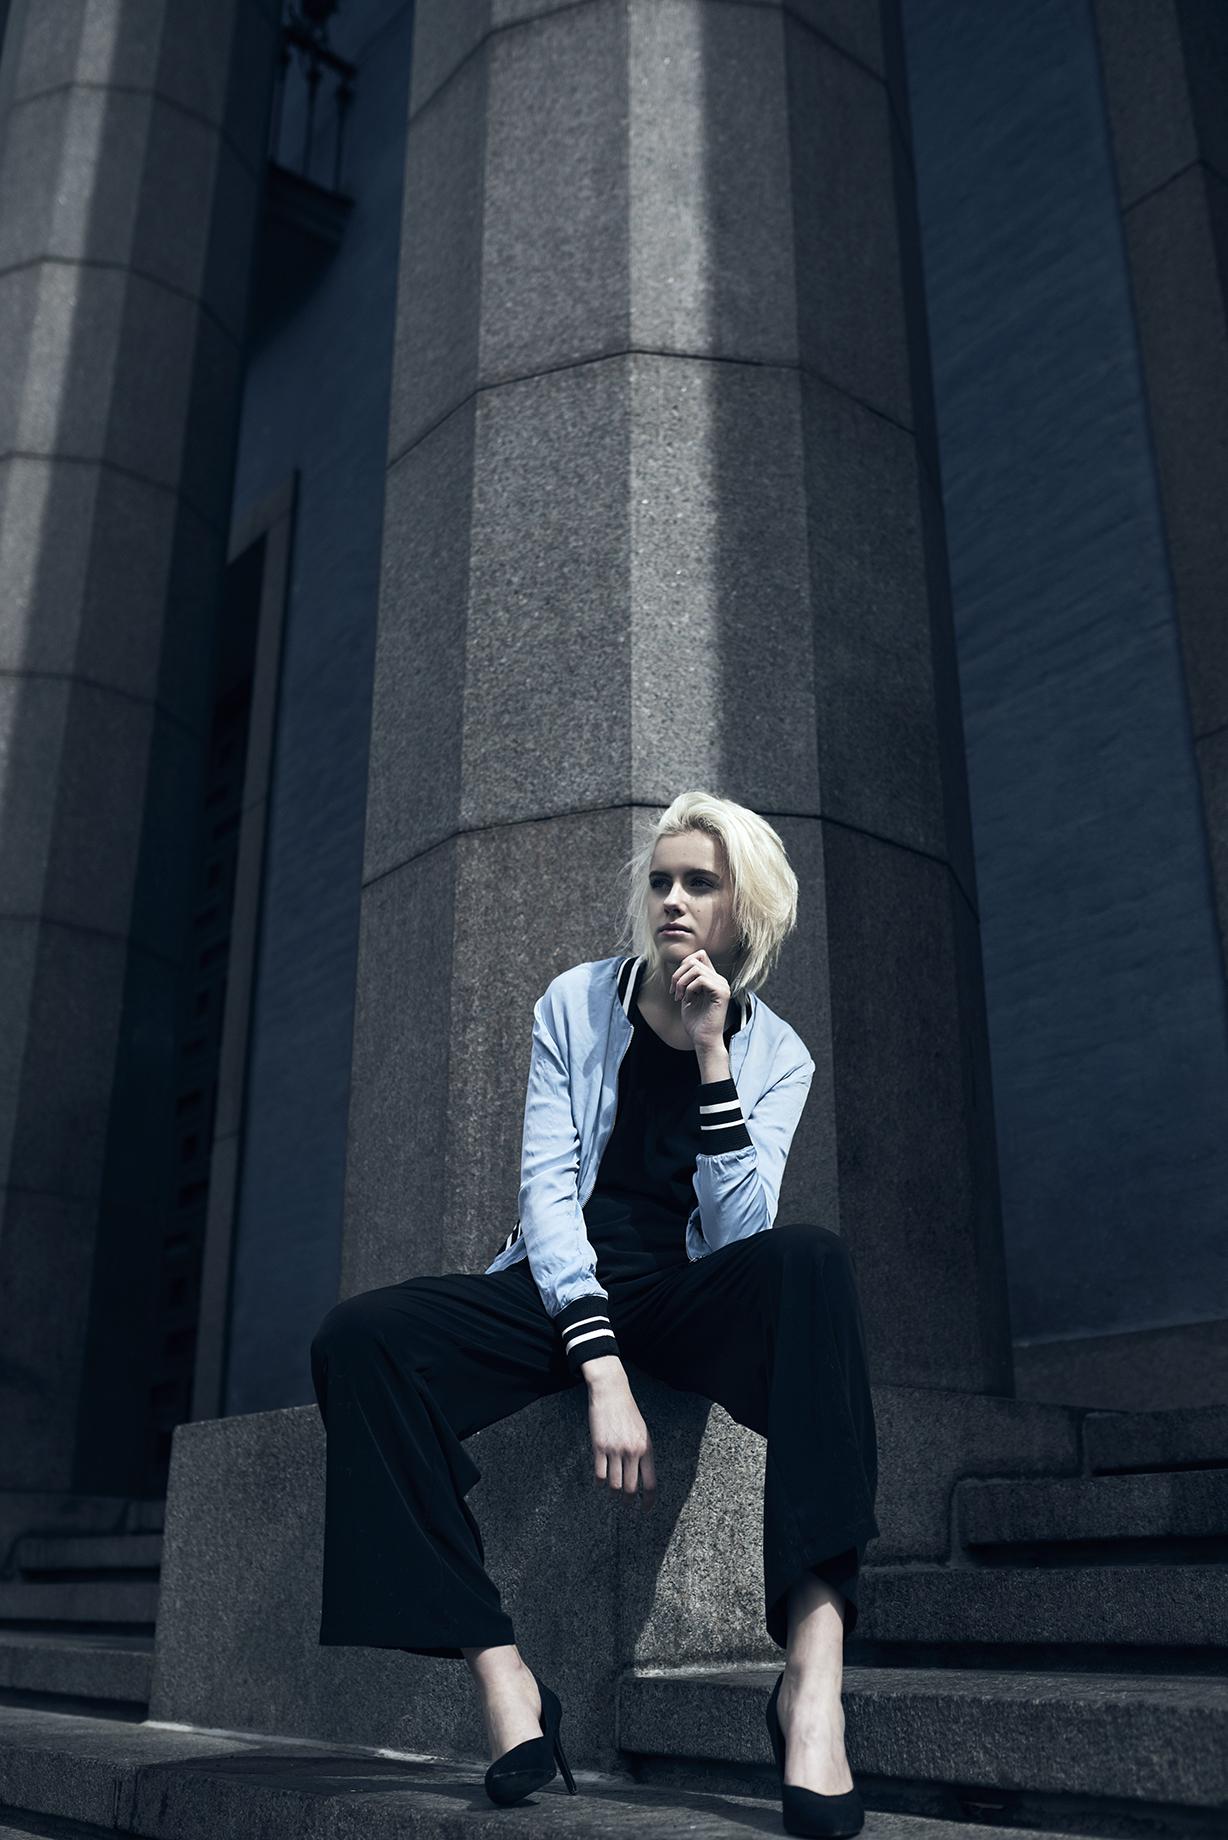 LM_Stockholm_AlicePrybill16003.jpg